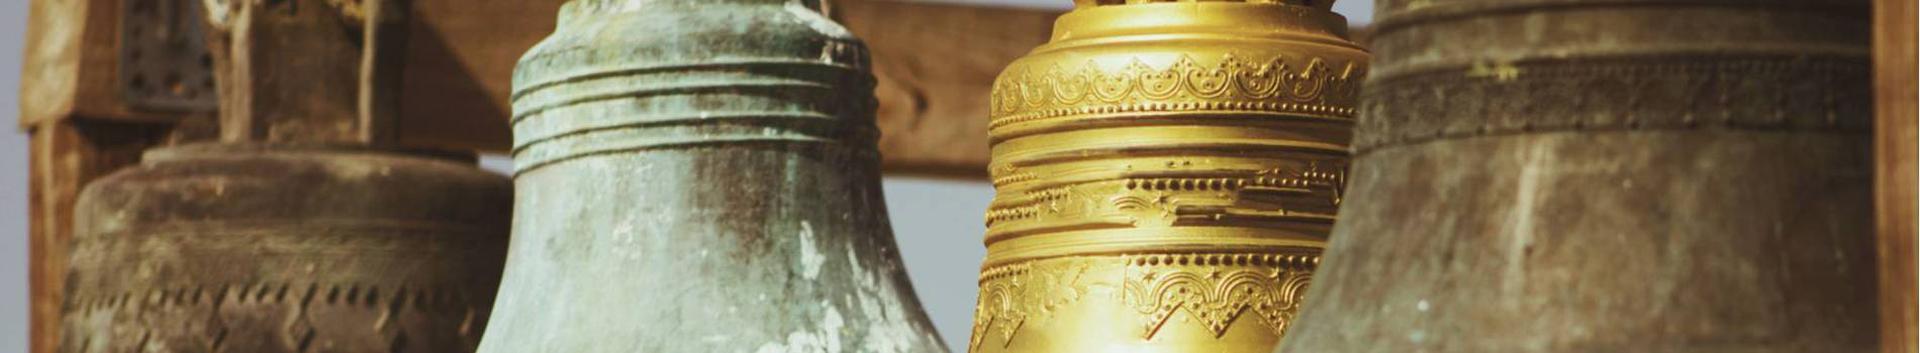 94911_kirikute-klooster-kogudus-tegevus_49299840_xl.jpg